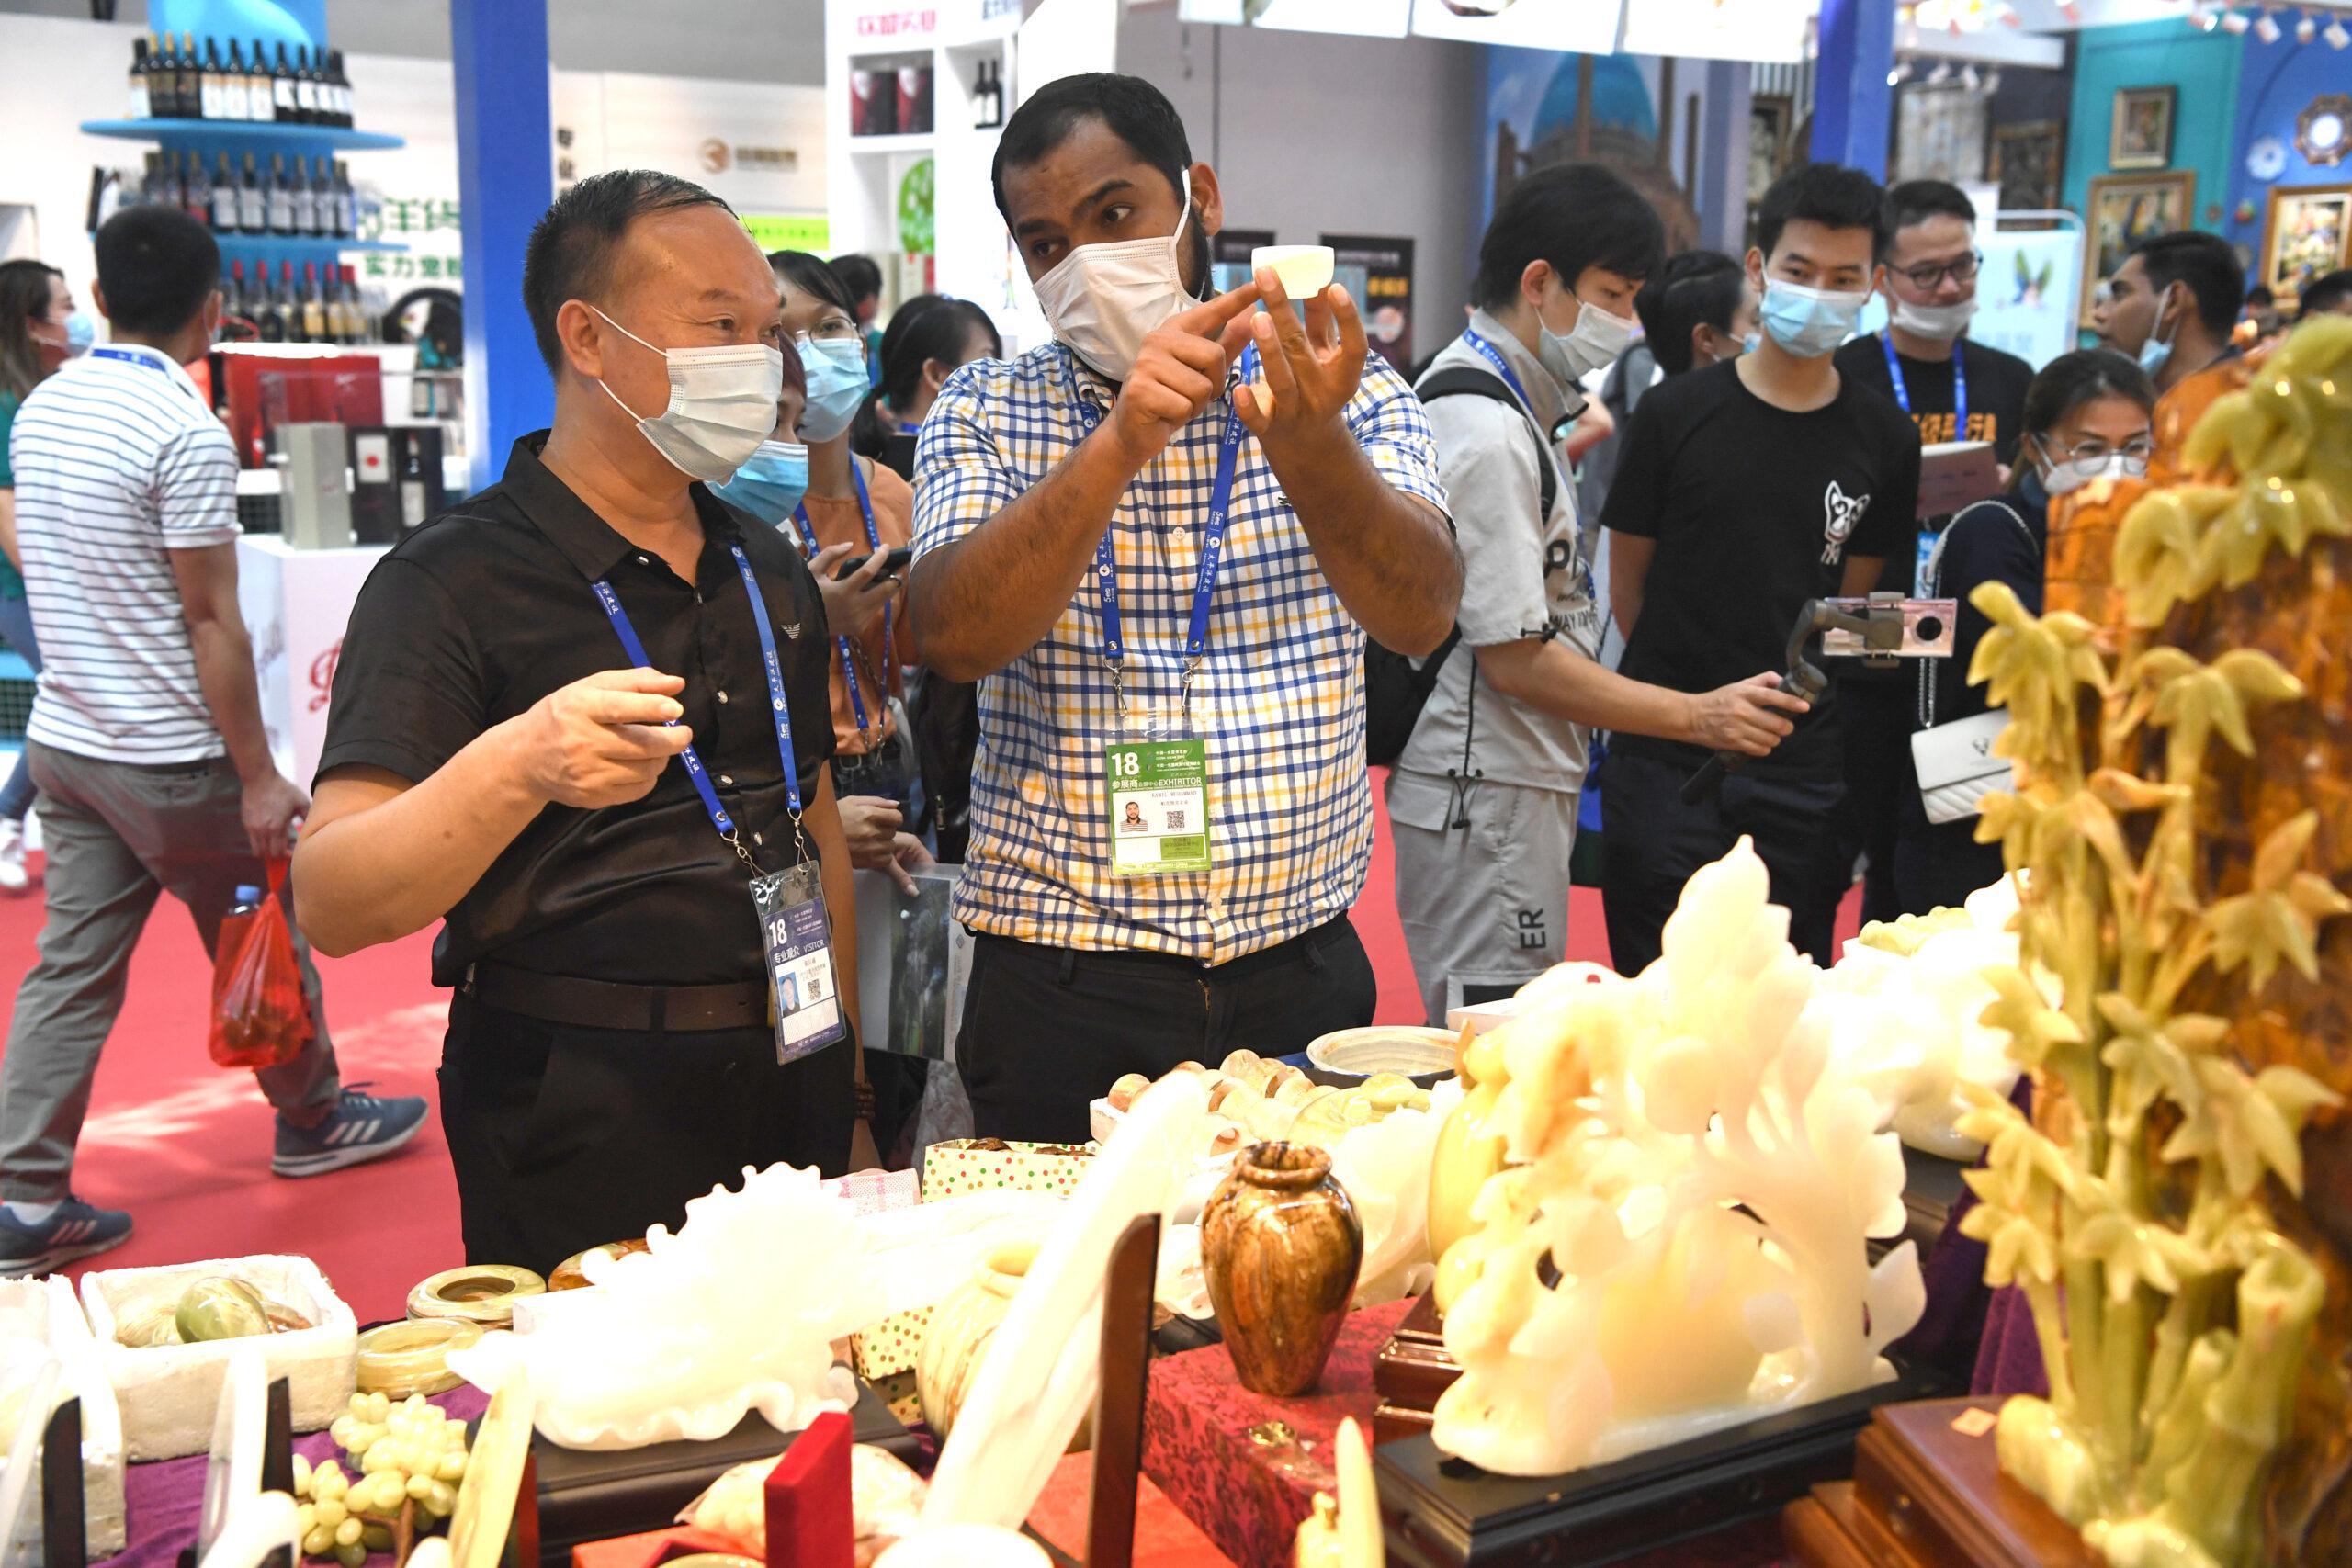 การค้า 'จีน-อาเซียน' โตปีละ 16.5% ตลอด 3 ทศวรรษ